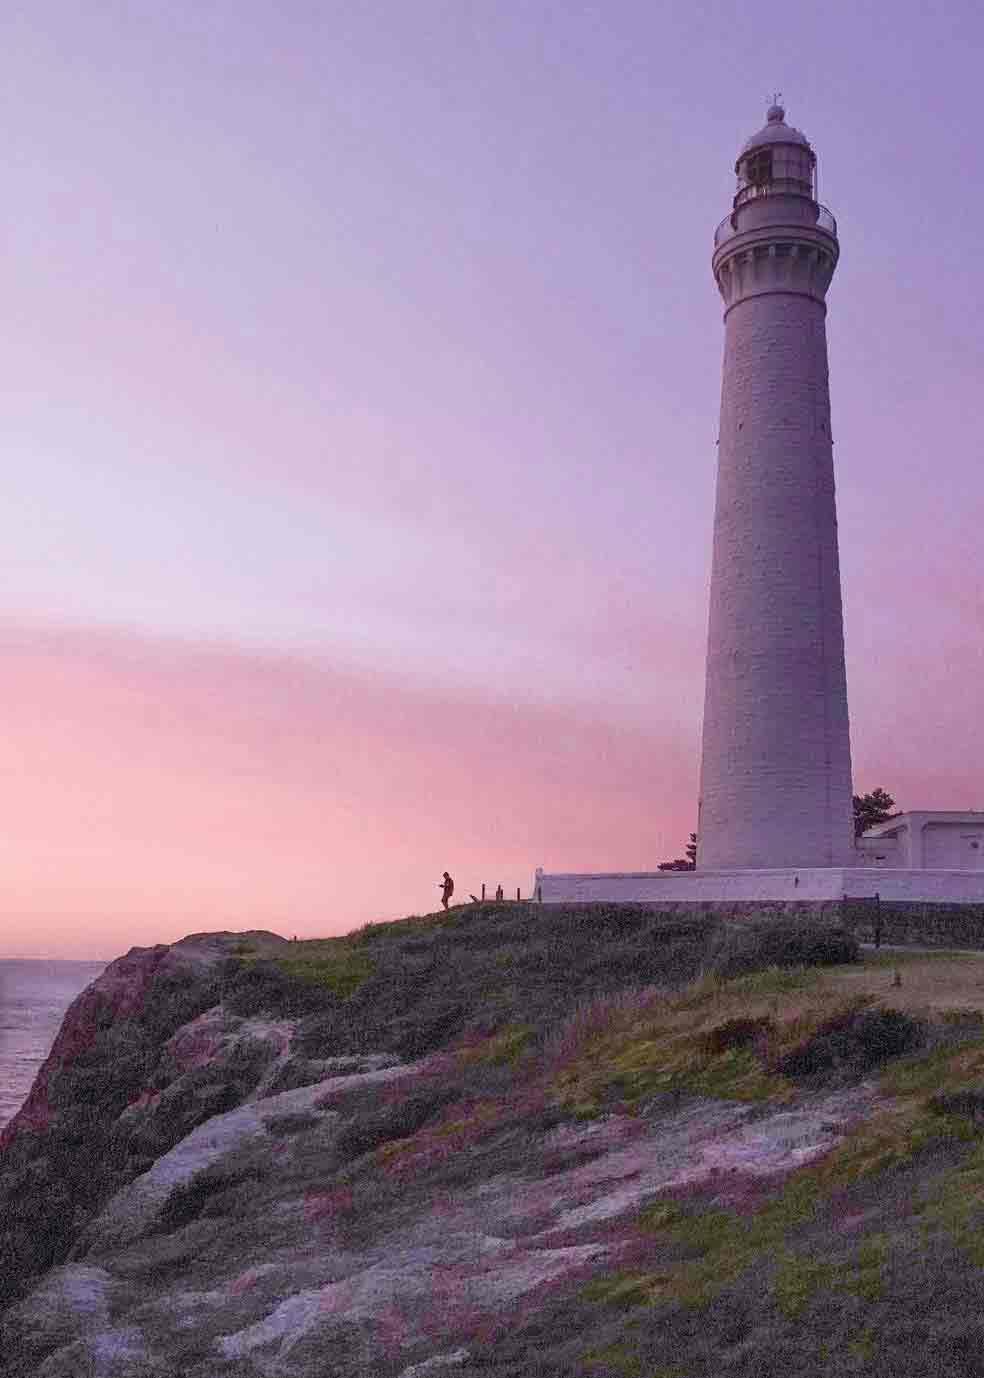 出雲日御碕灯台―国造りの神様も見たであろう日本海の夕暮れ